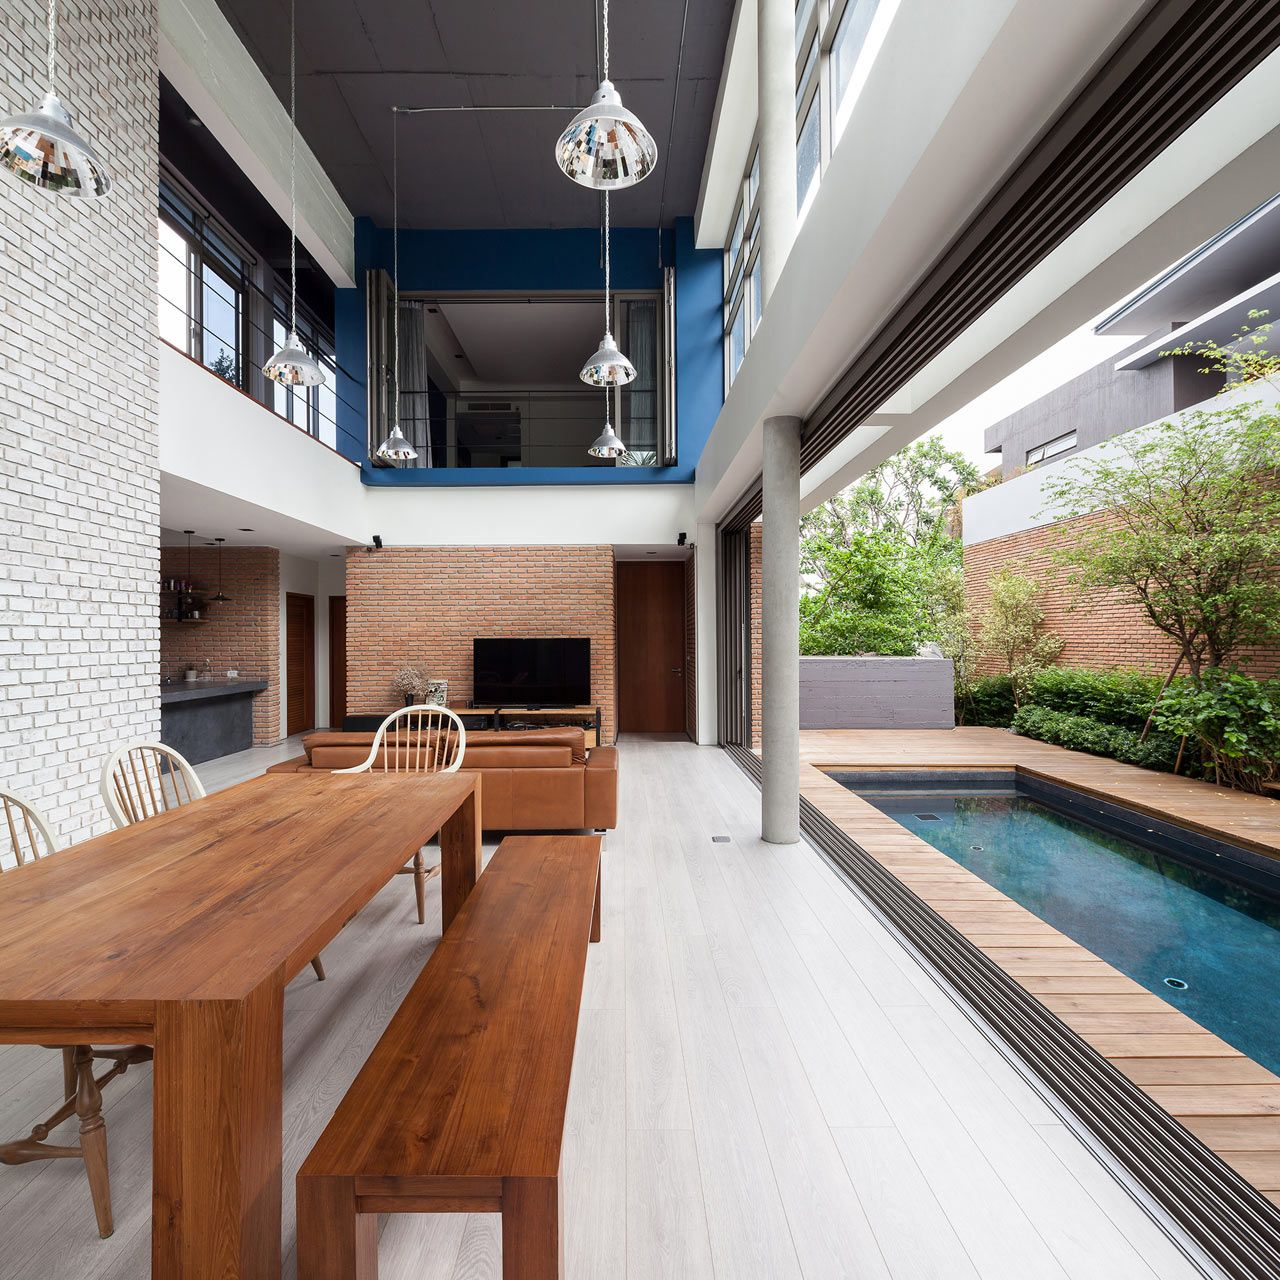 Casa decorada com piscina.